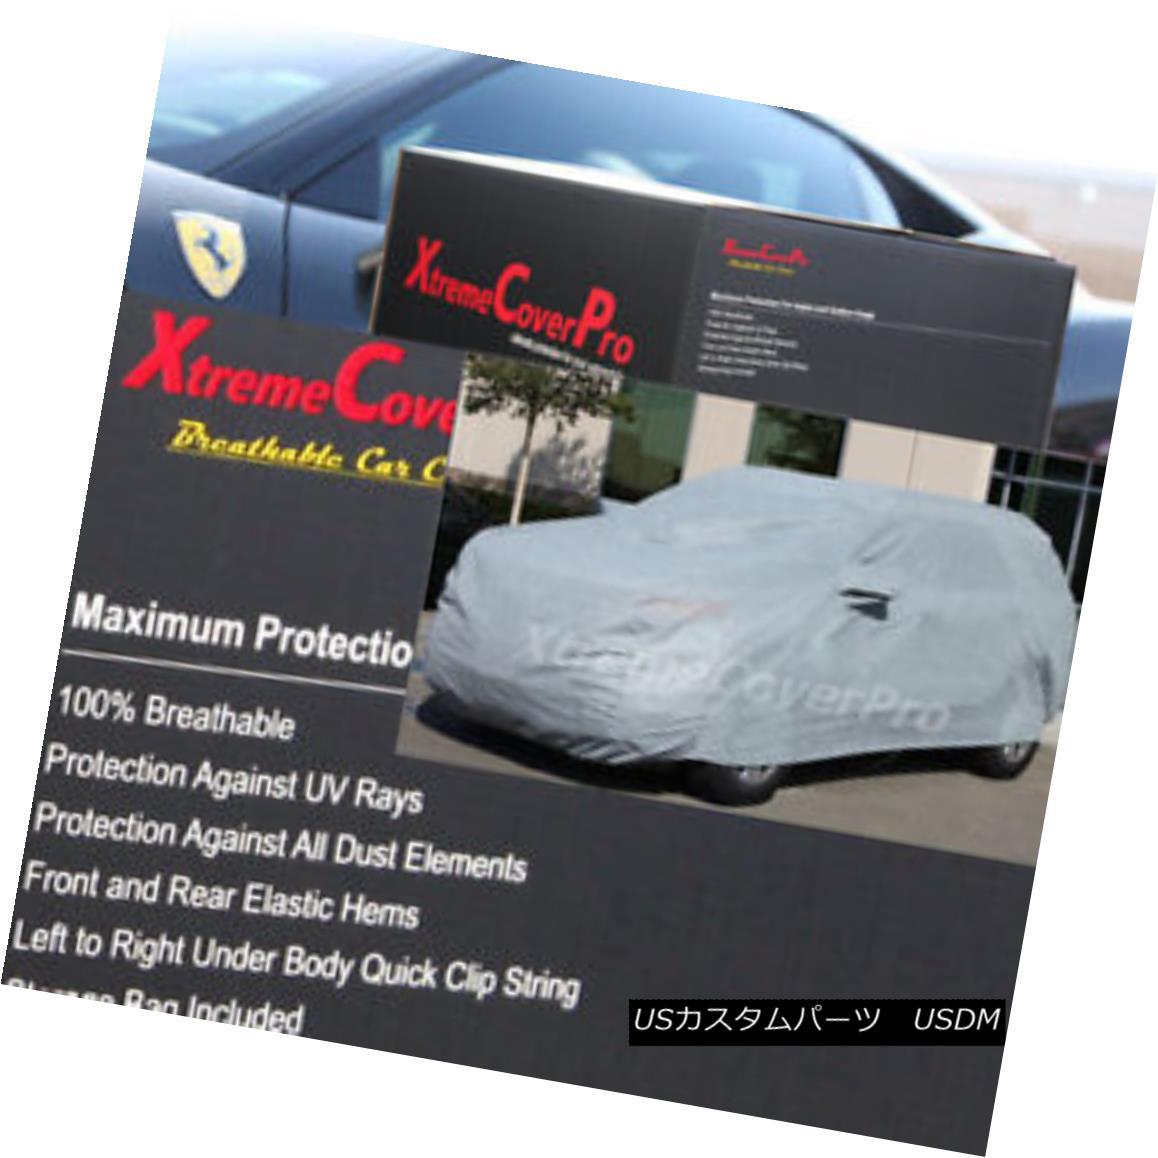 カーカバー 2013 Mazda Mazda5 Breathable Car Cover w/MirrorPocket 2013 Mazda Mazda5 MirrorPocket付き通気性車カバー